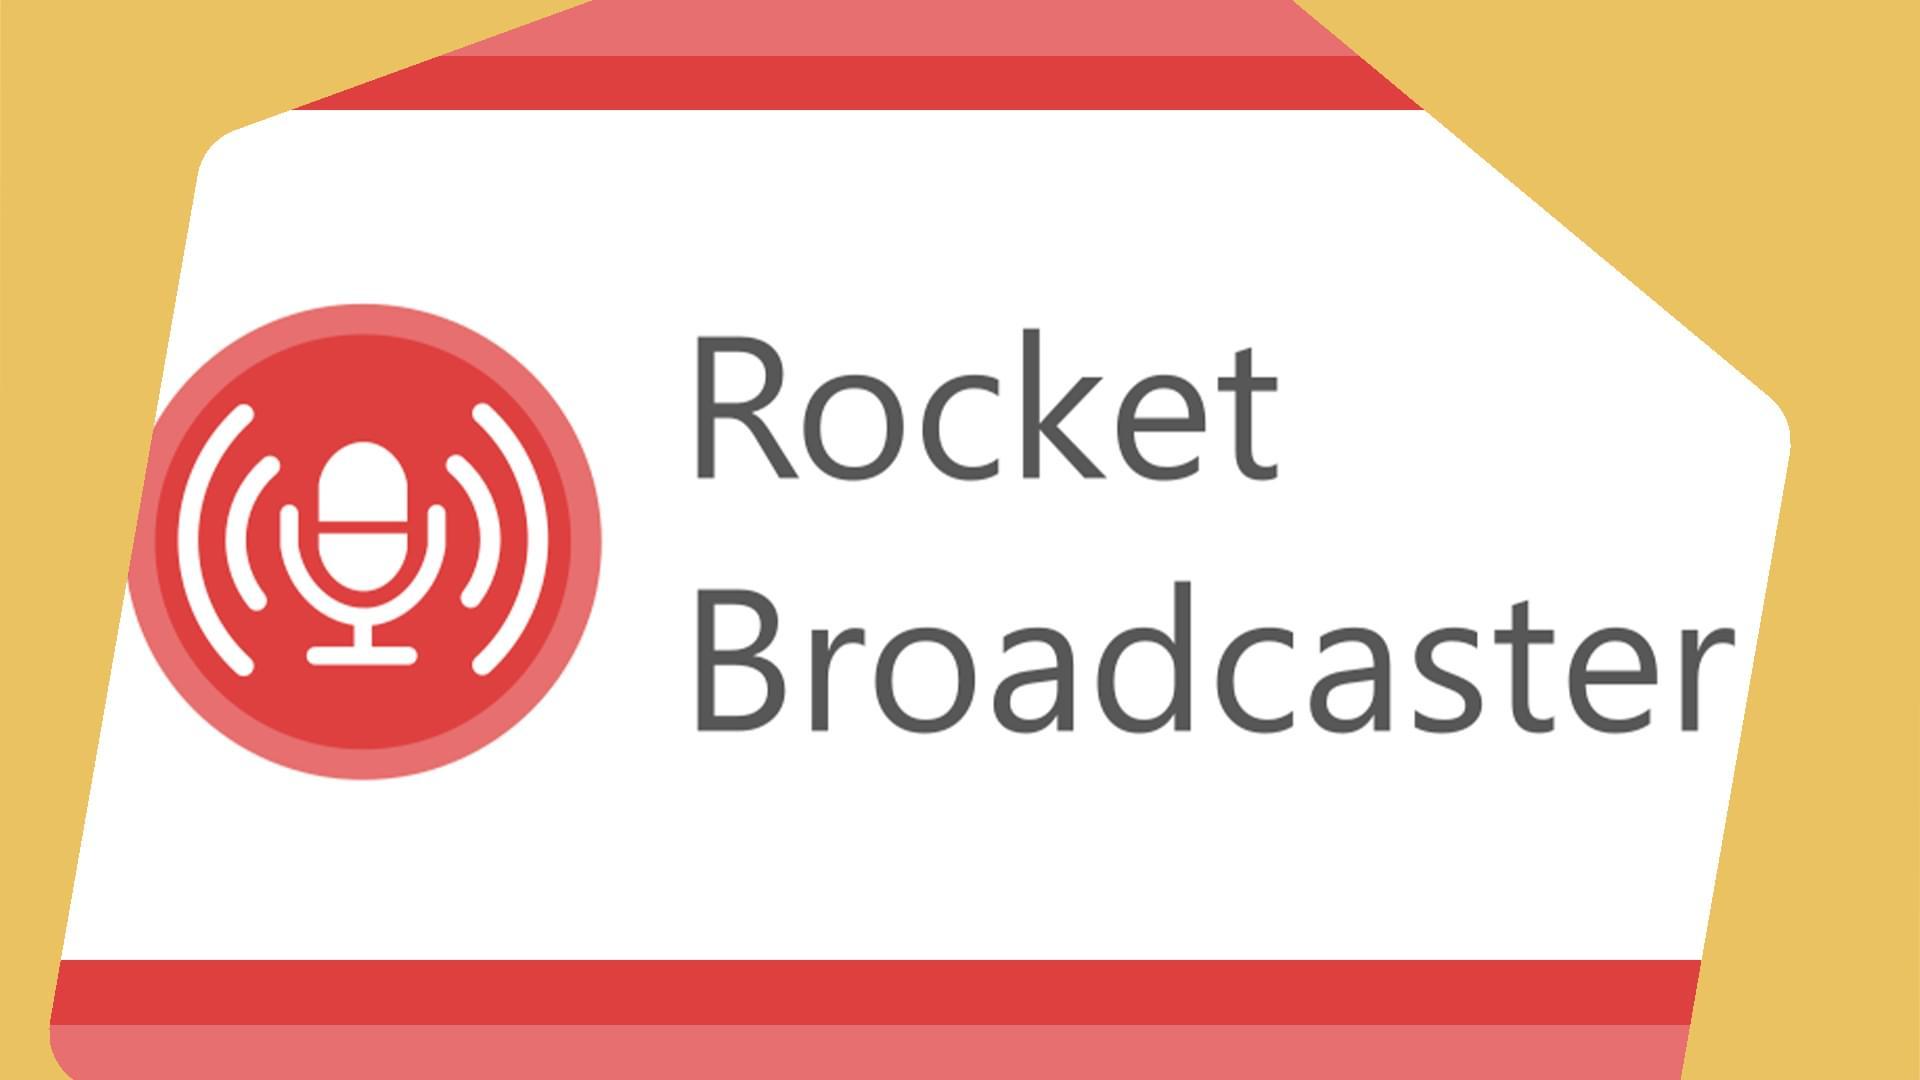 Rocket Broadcaster Header Image